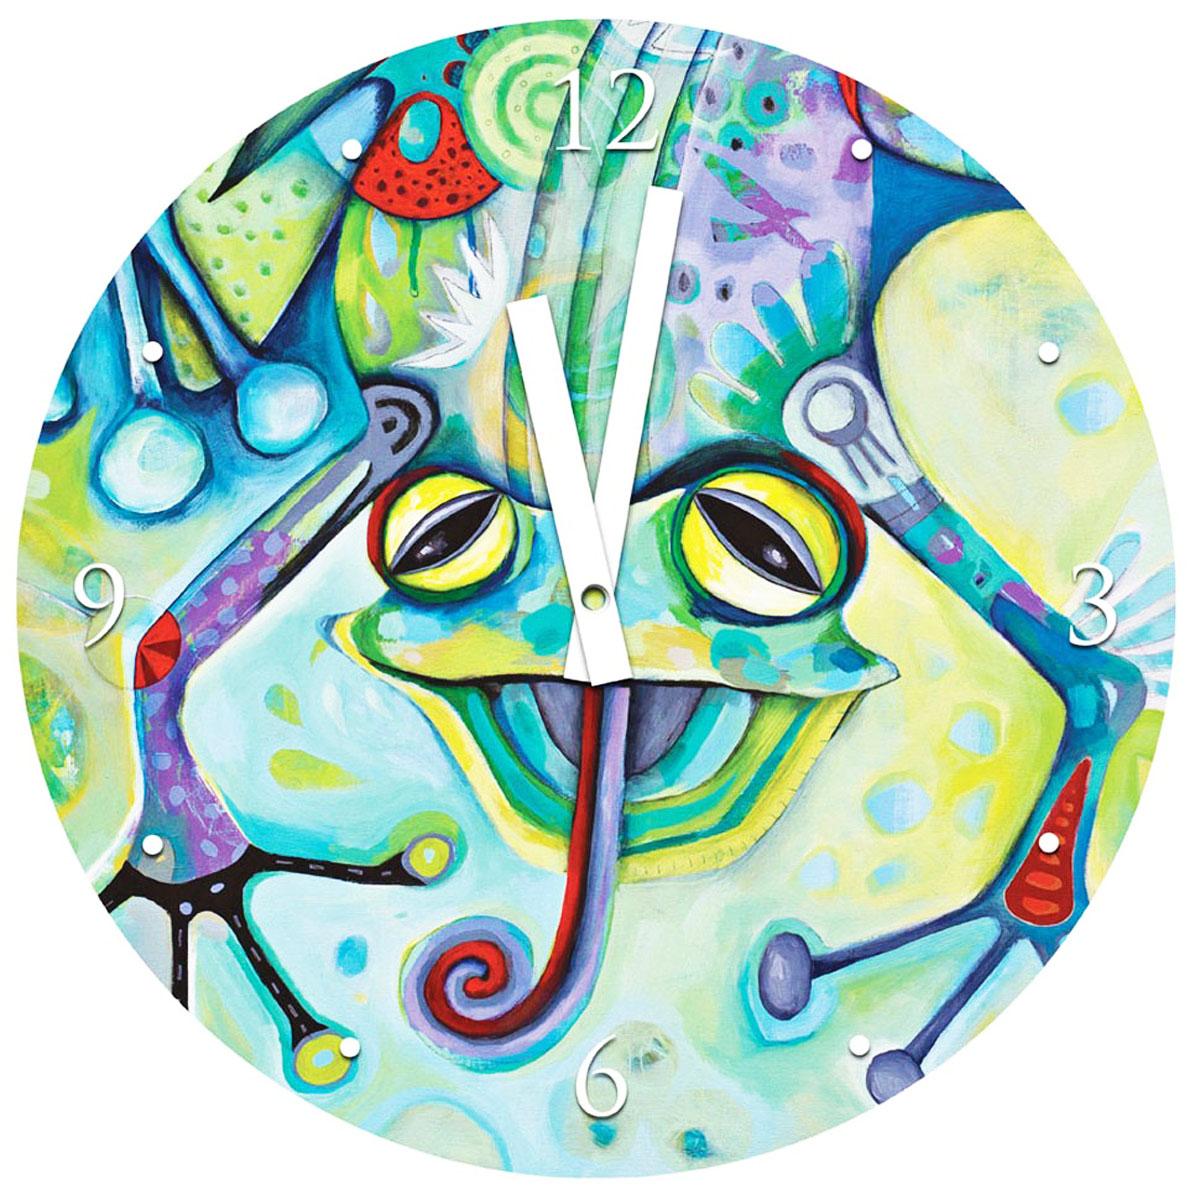 Horloge Murale verre \'Allen Designs\' grenouille (30 cm) - [M3795]